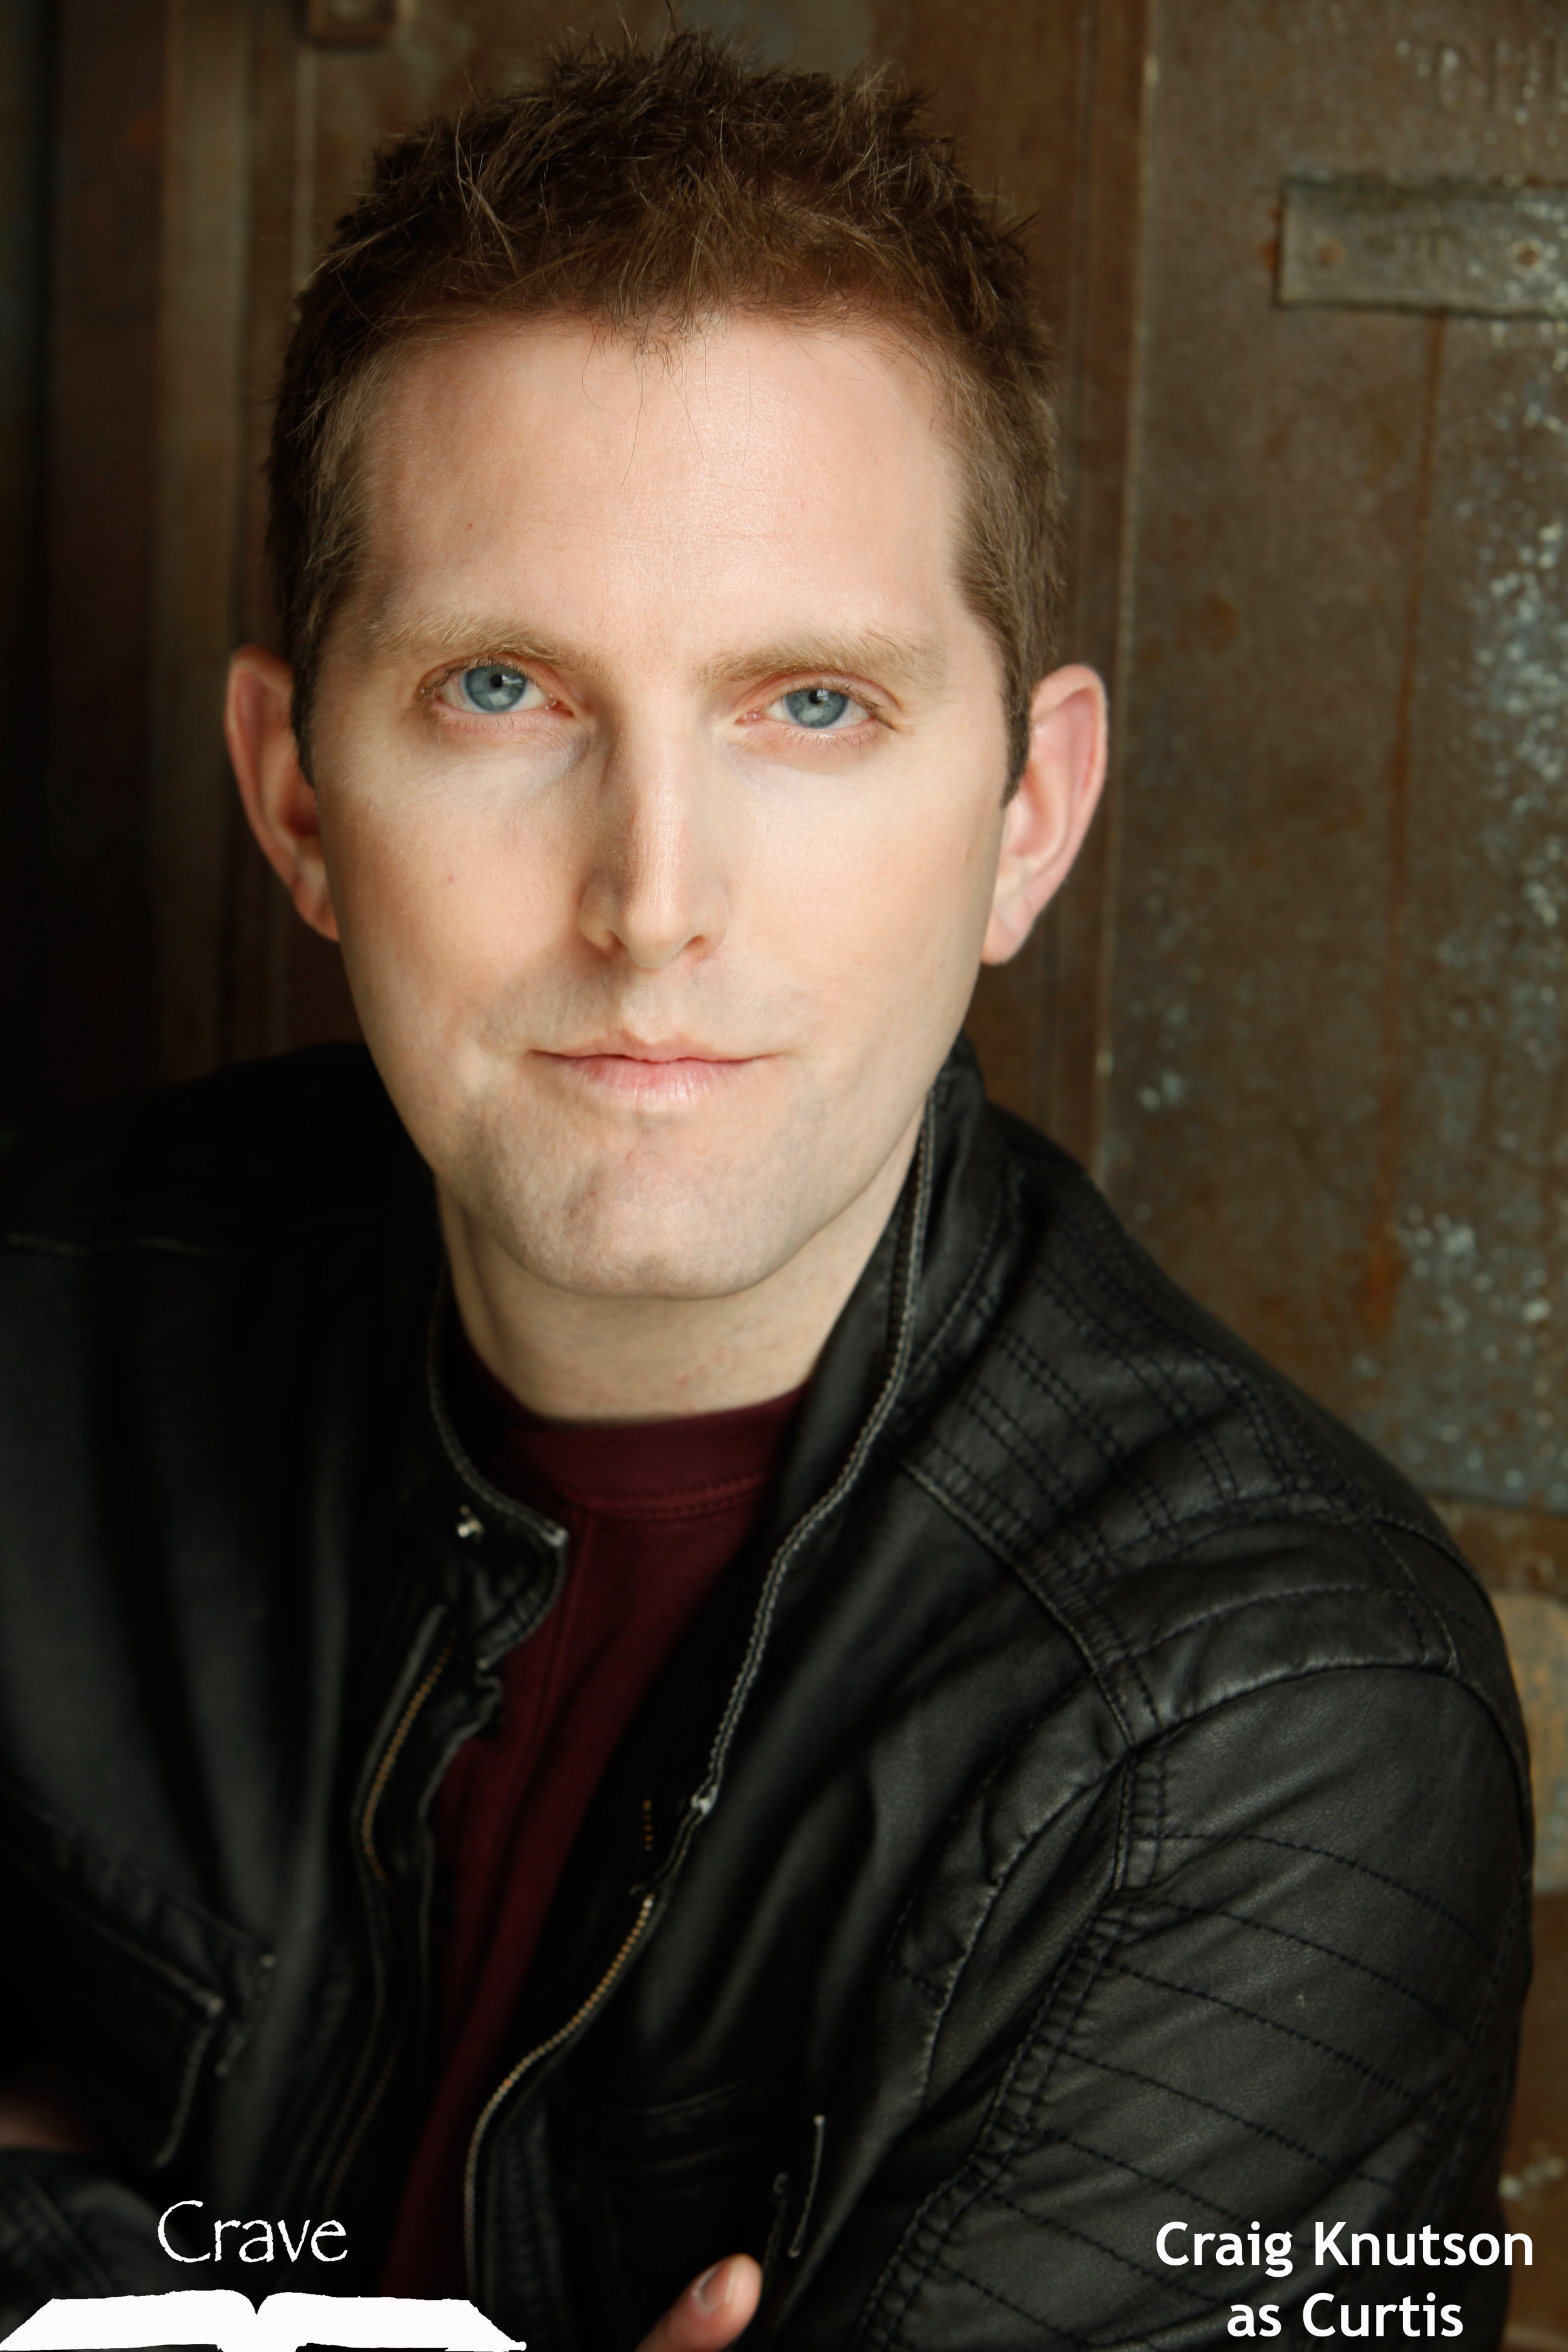 Craig Knutson - Curtis